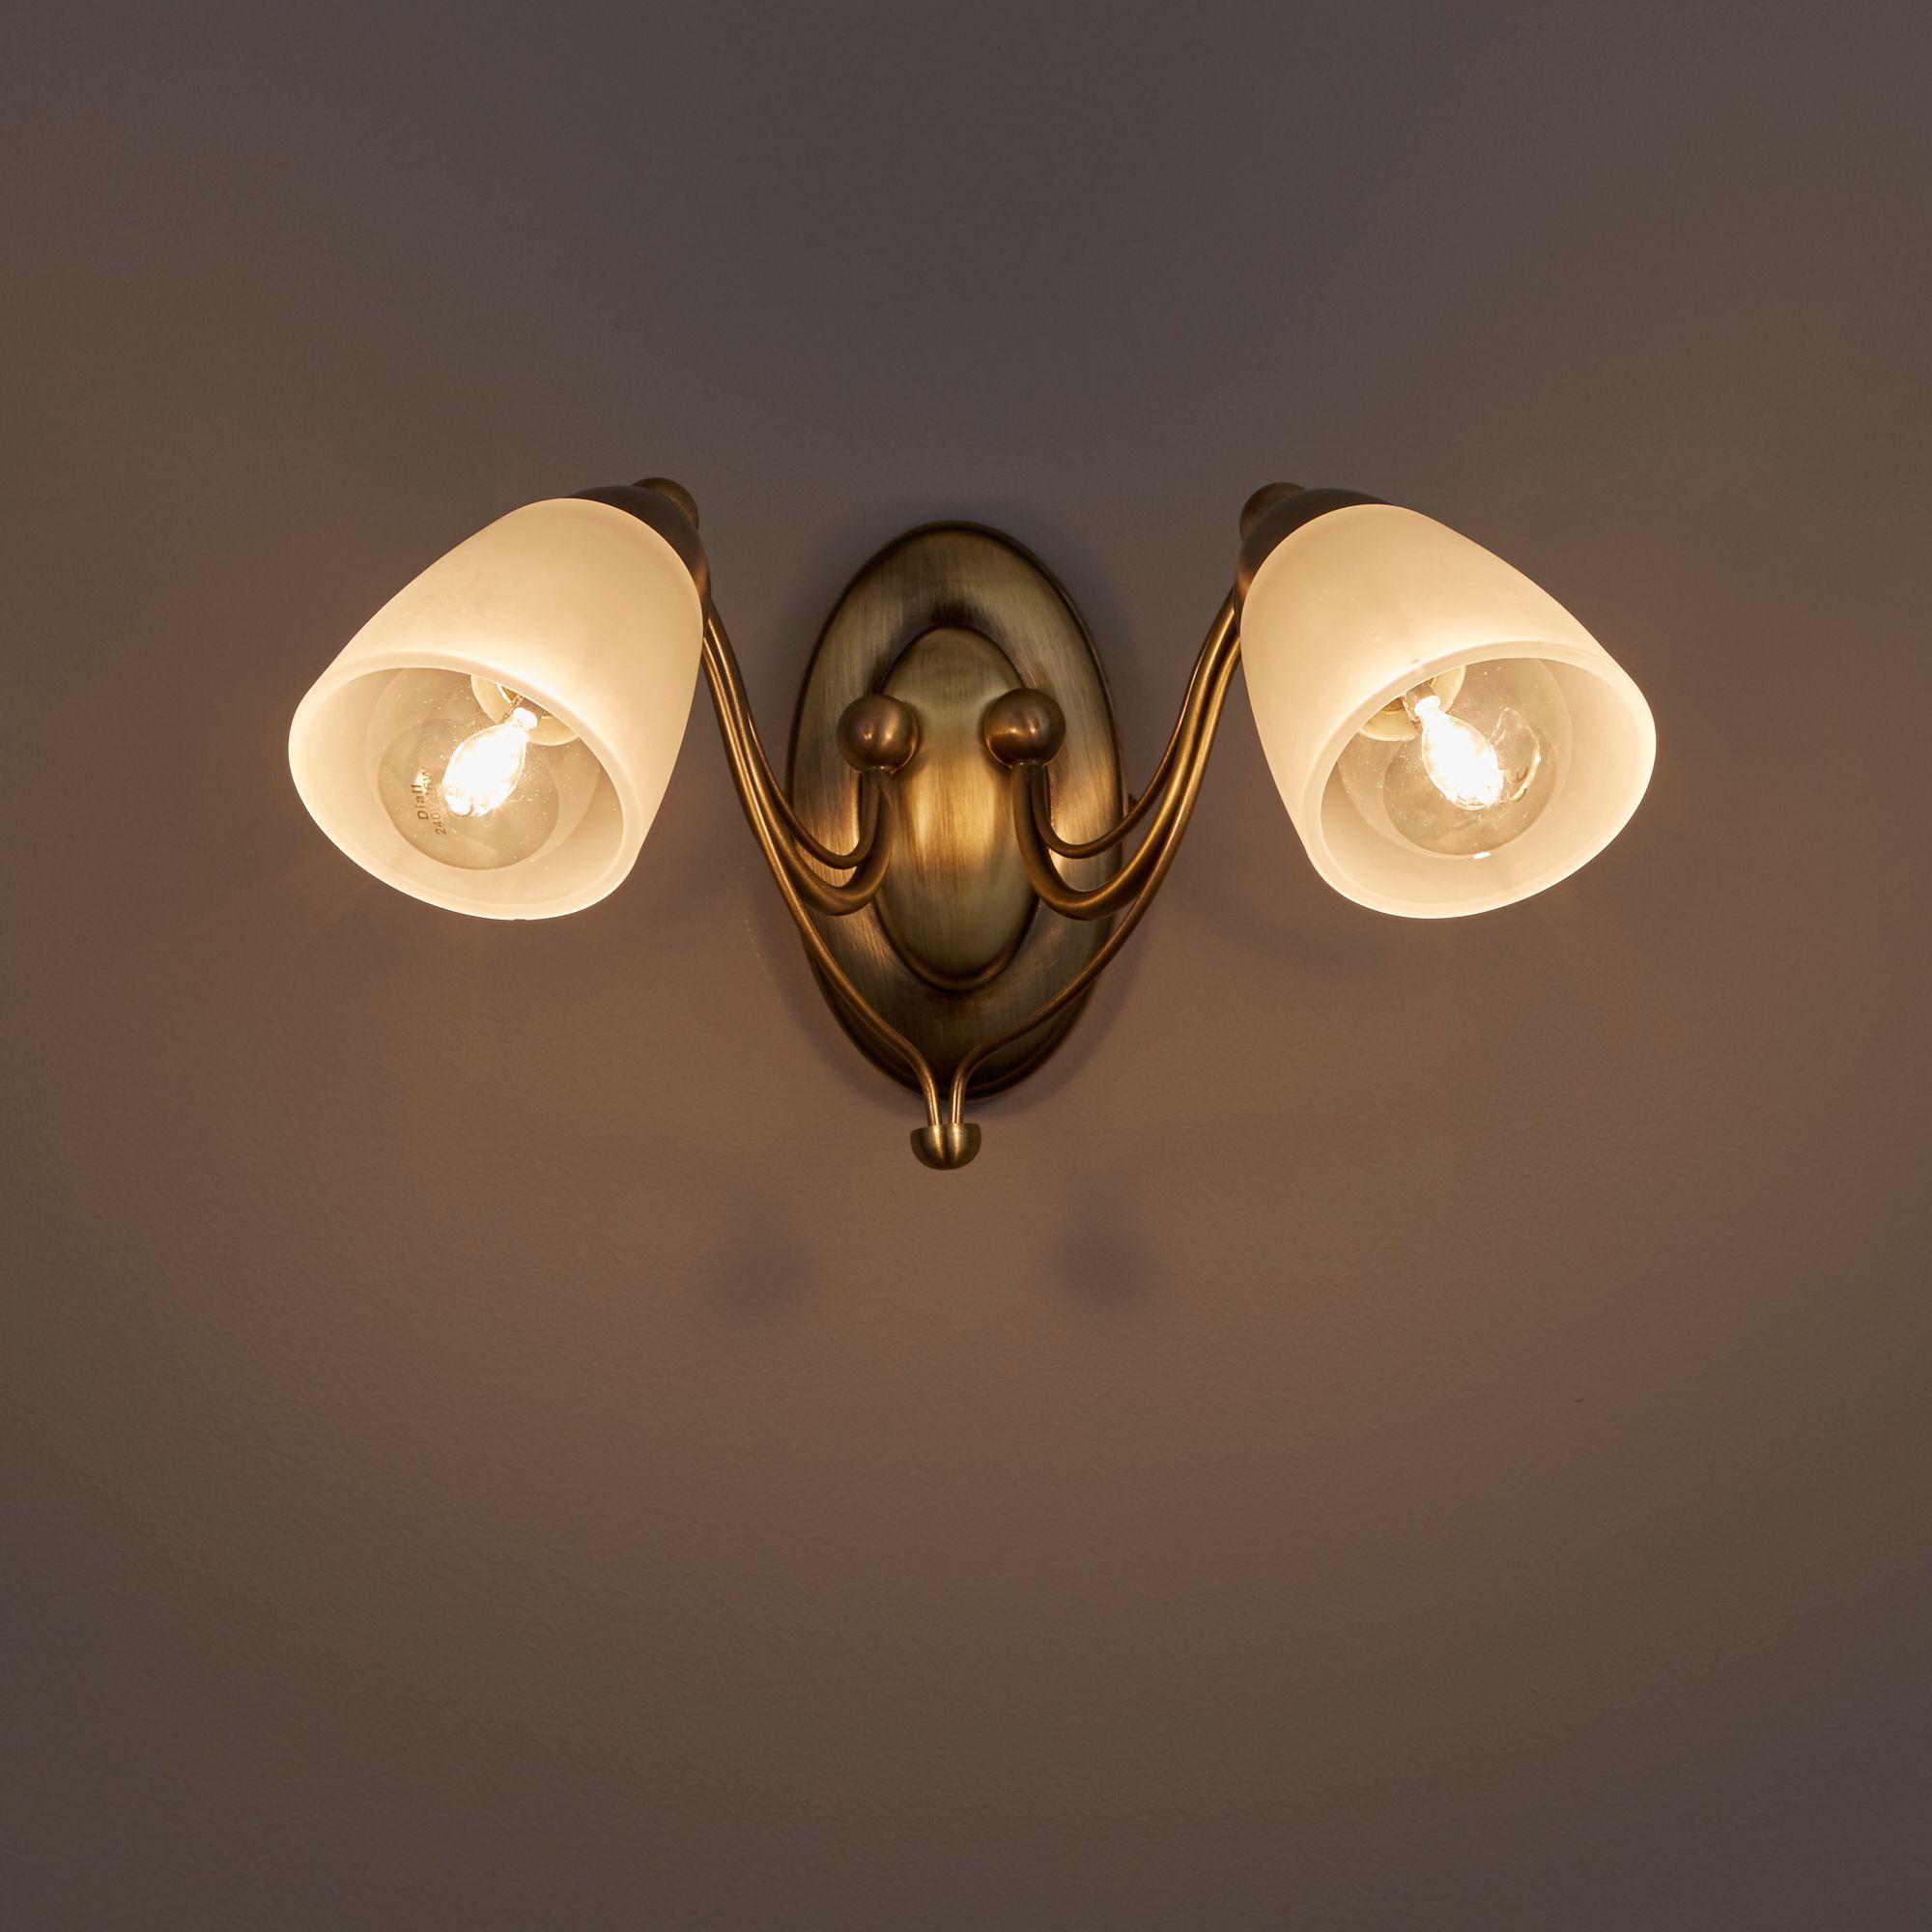 Venus Antique Brass Effect Double Wall Light